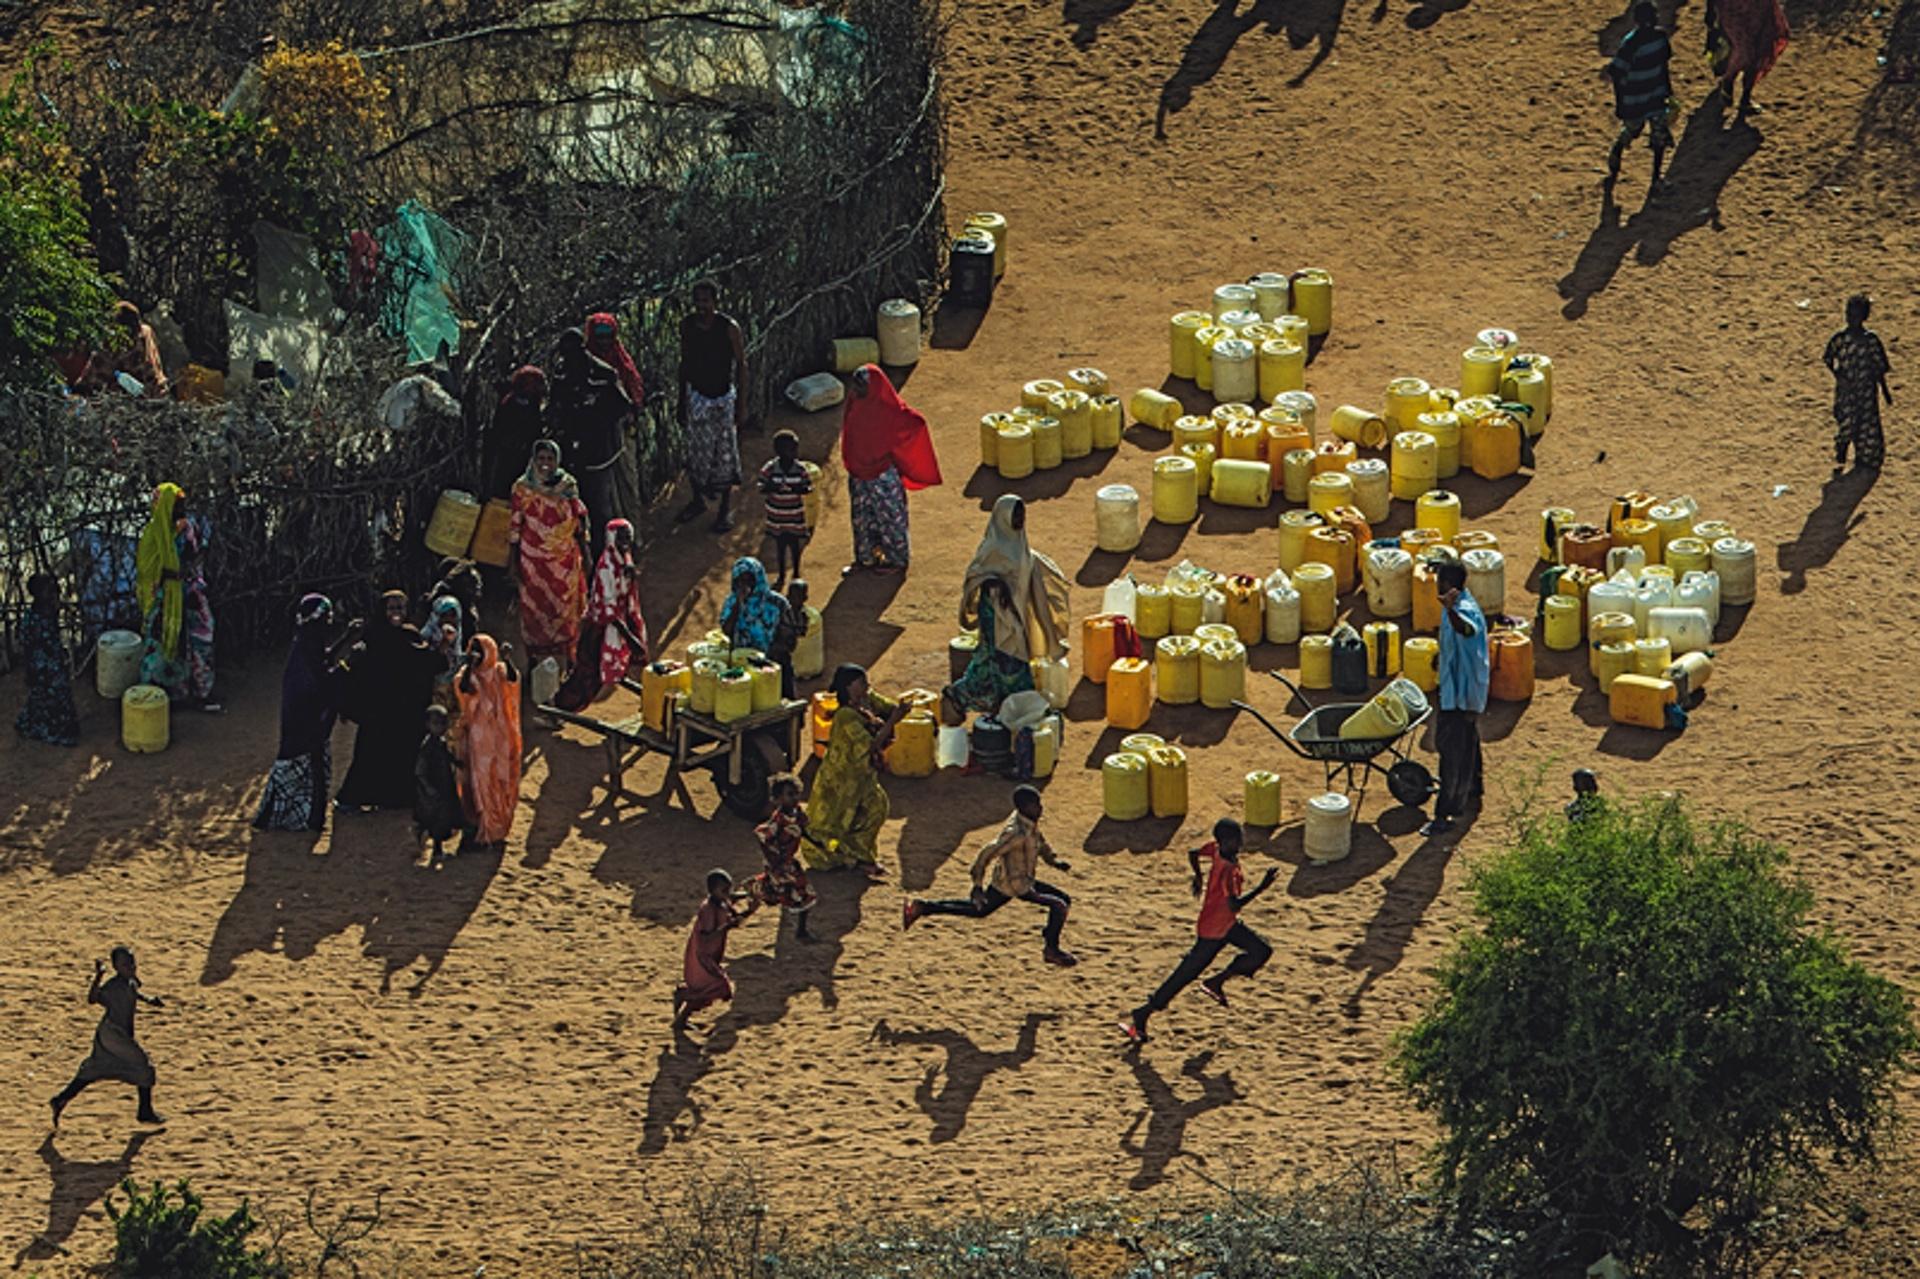 Κατασκήνωση Σομαλών προσφύγων στην Νταντάμπ